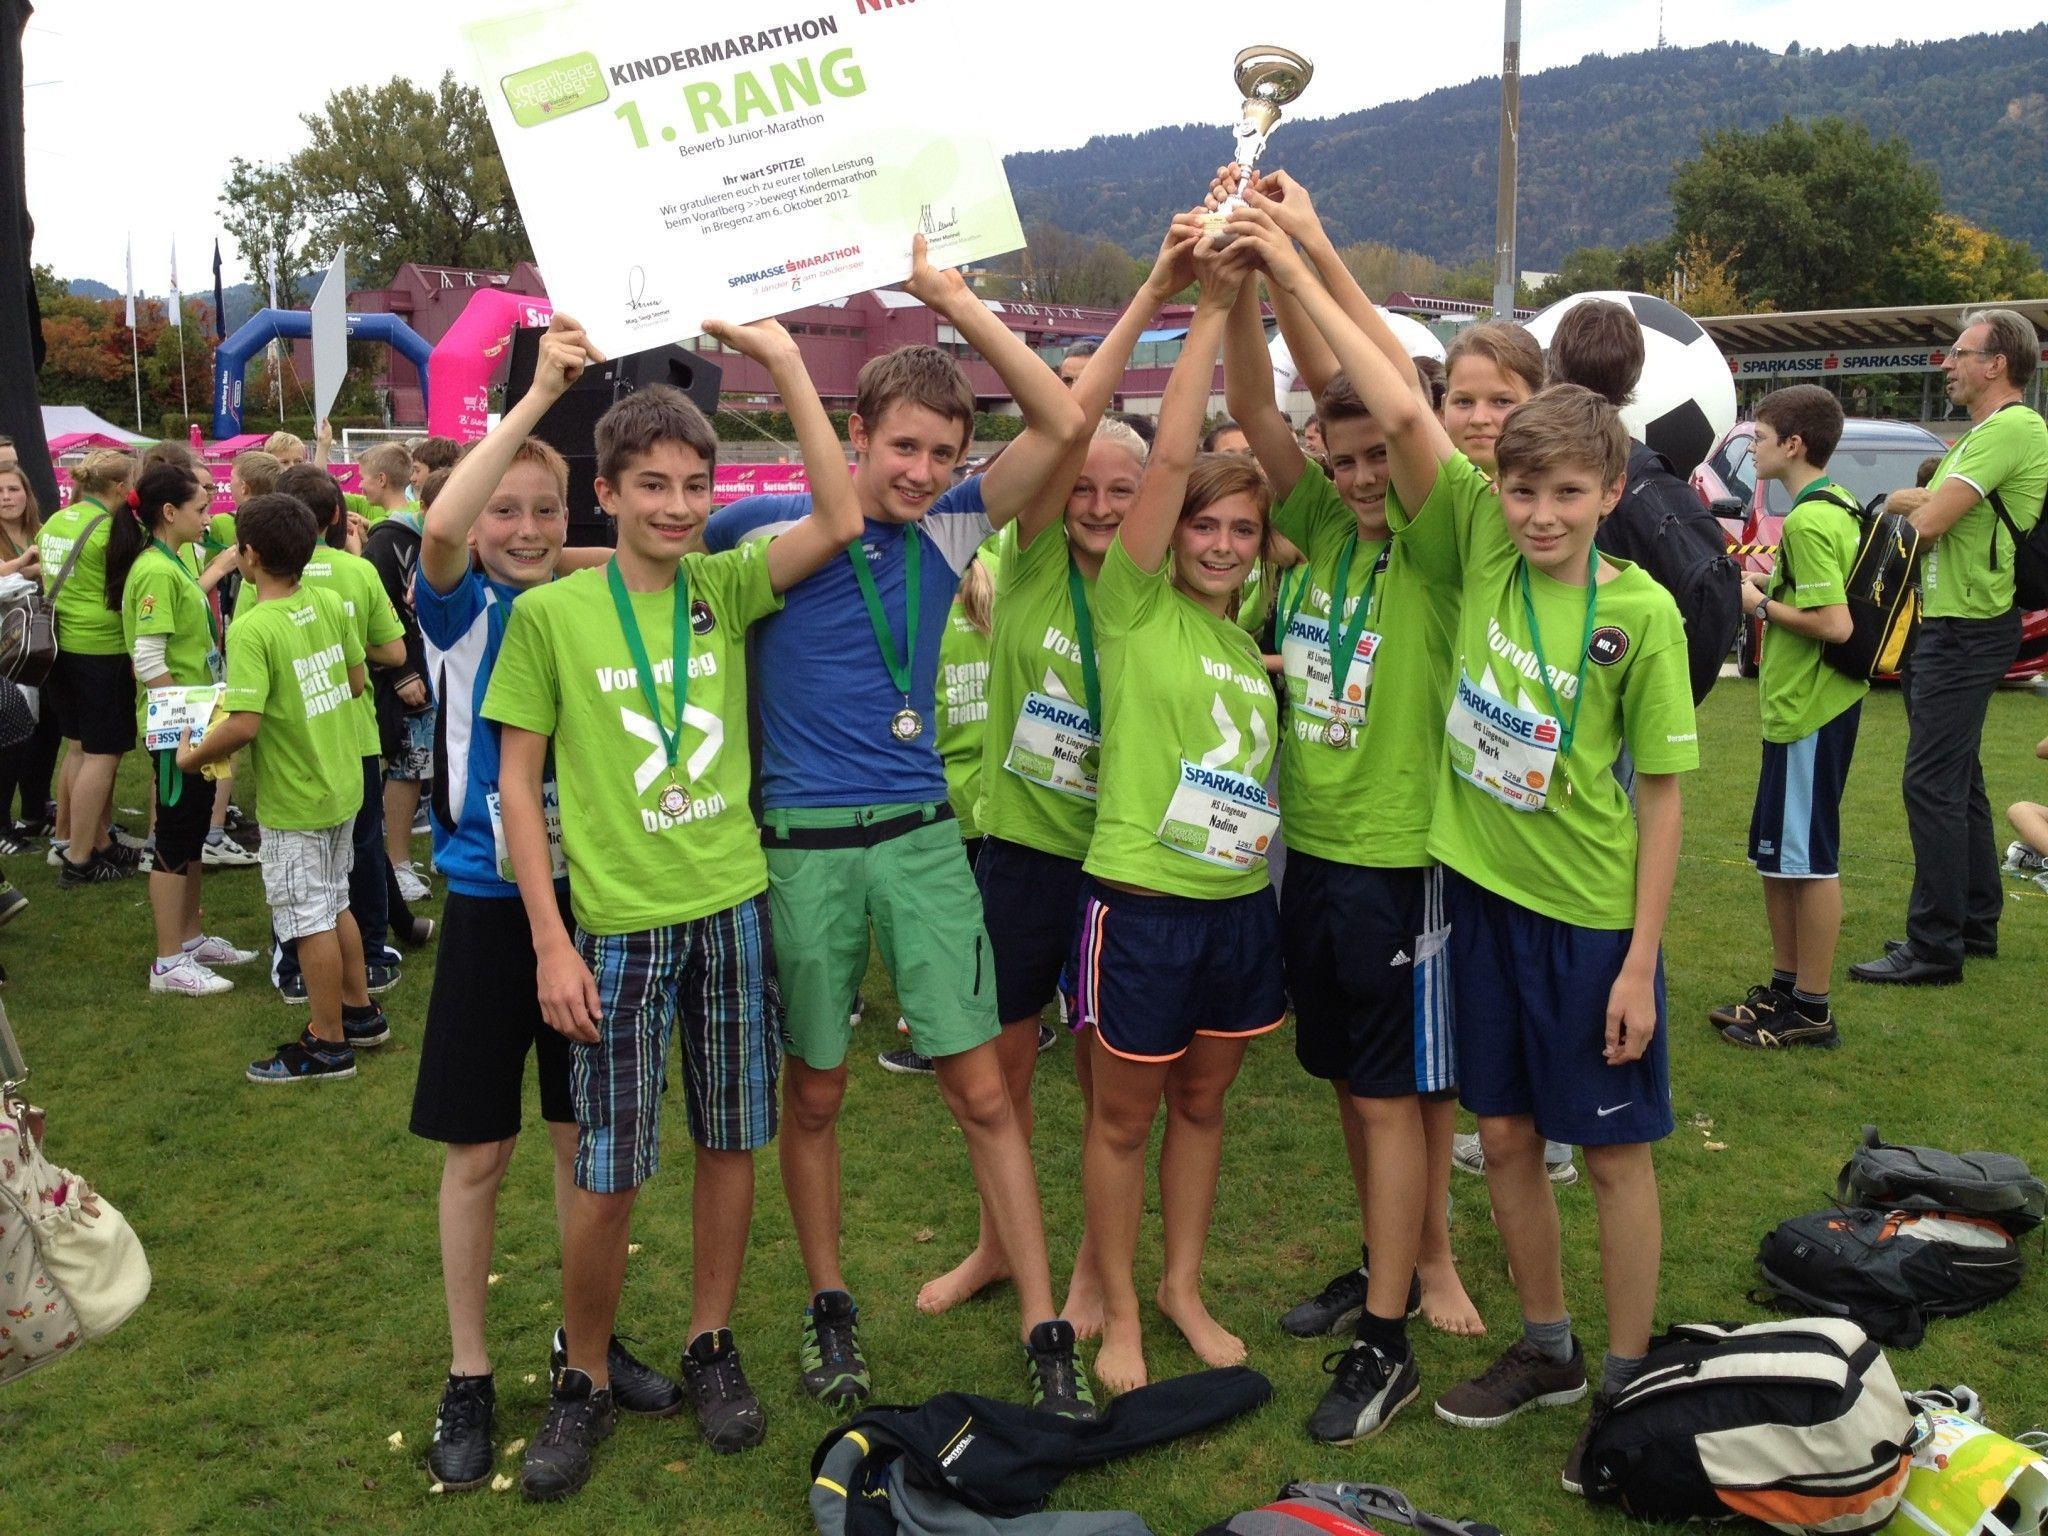 Das Laufteam freute sich riesig über den ersten Platz.